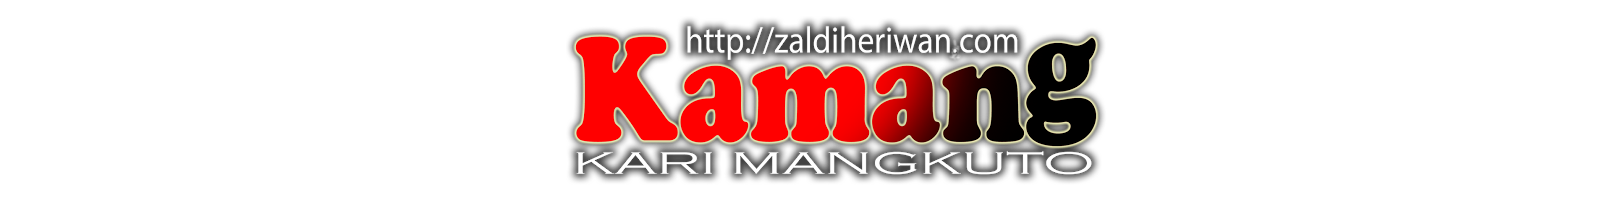 Kamang (Kari Mangkuto)